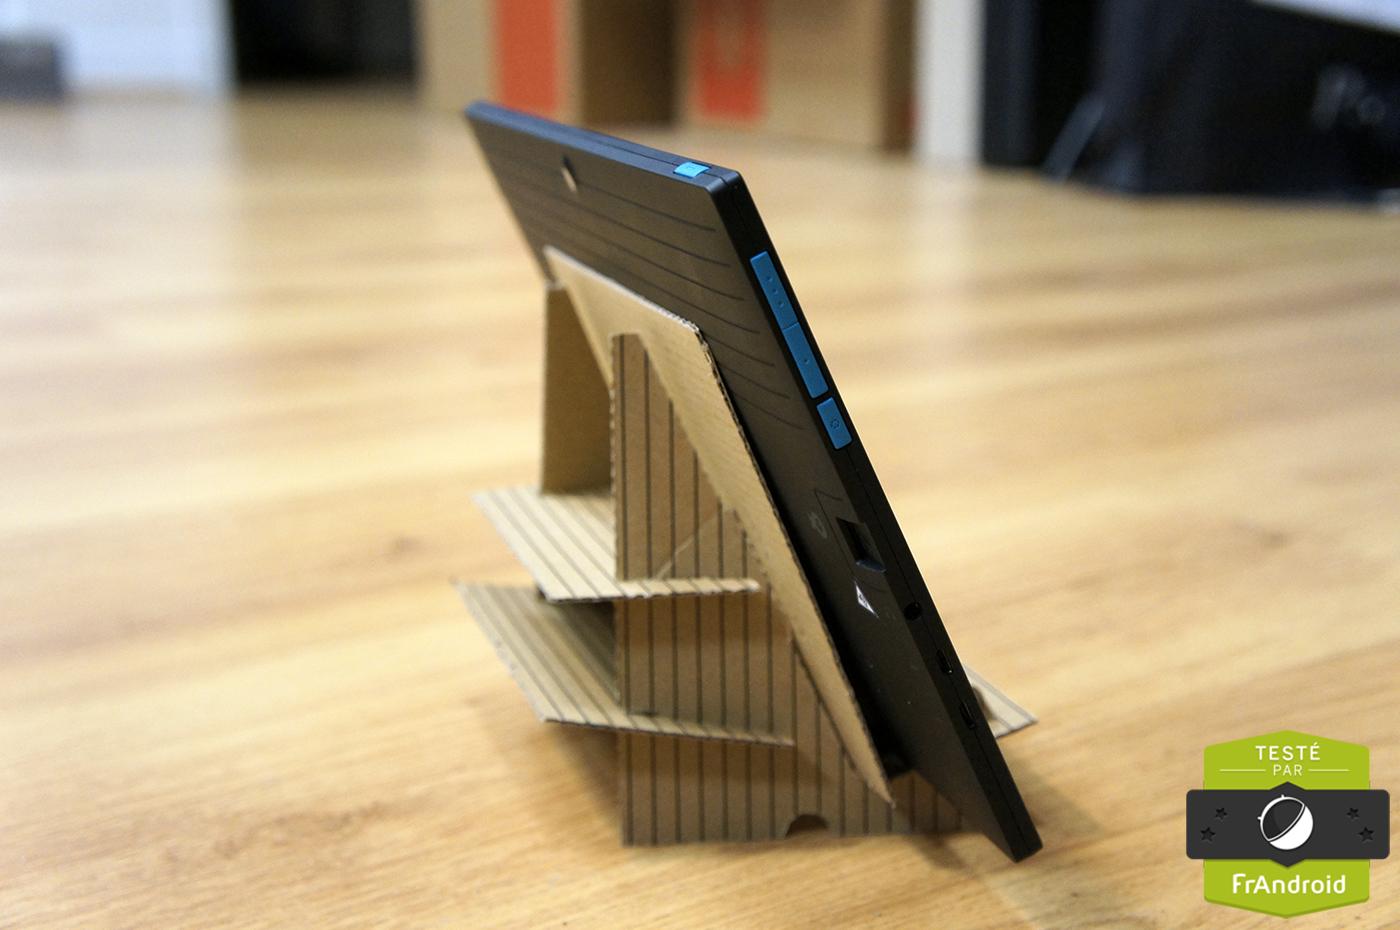 test de la poss touch tablet 10 fluo un v8 dans une twingo frandroid. Black Bedroom Furniture Sets. Home Design Ideas